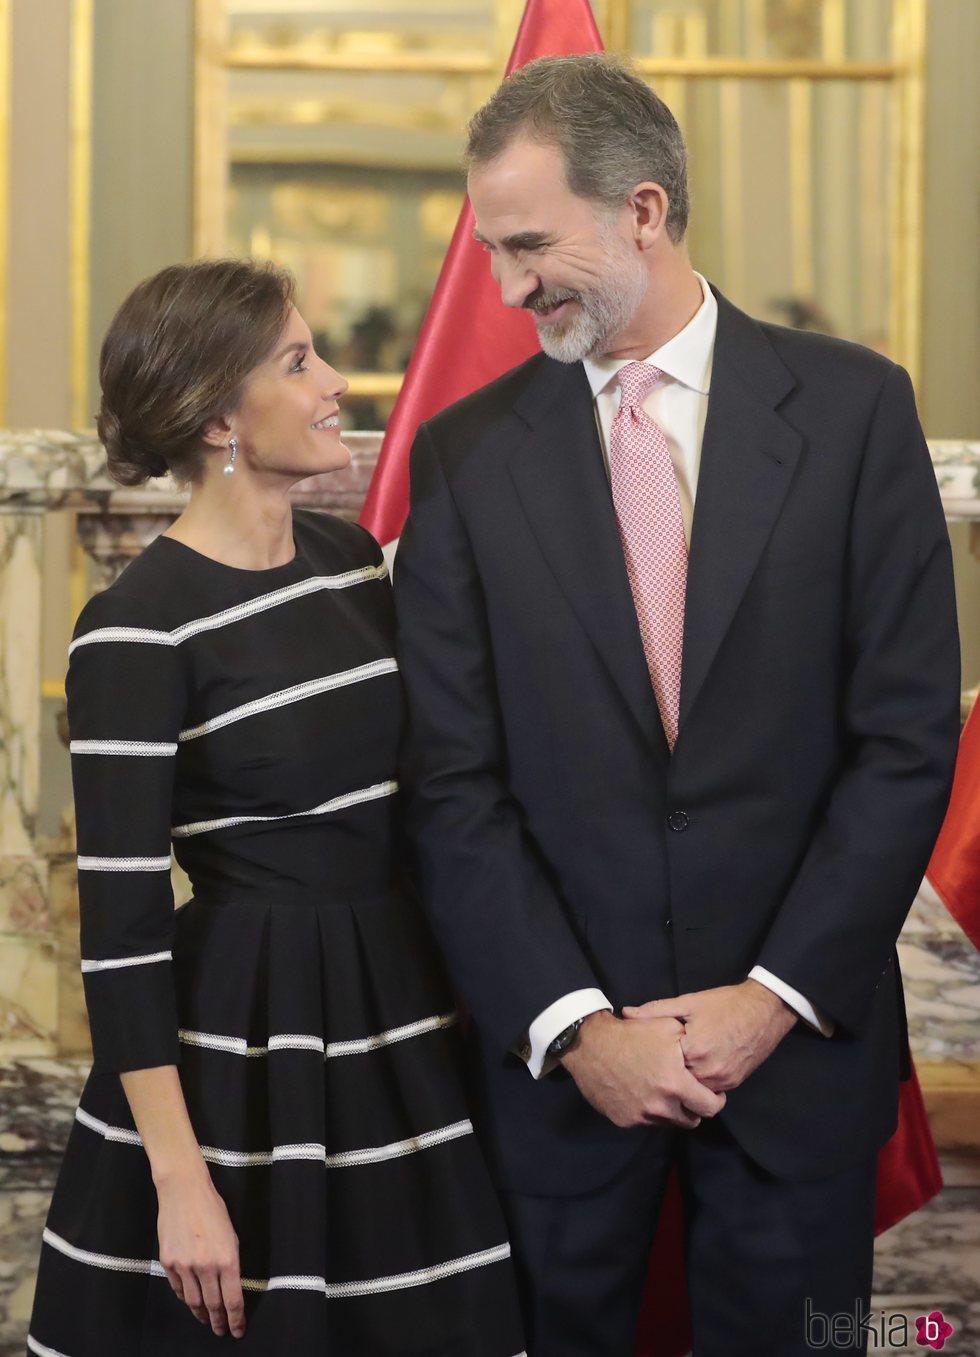 Los Reyes Felipe y Letizia se dedican una tierna mirada en su Viaje de Estado a Perú